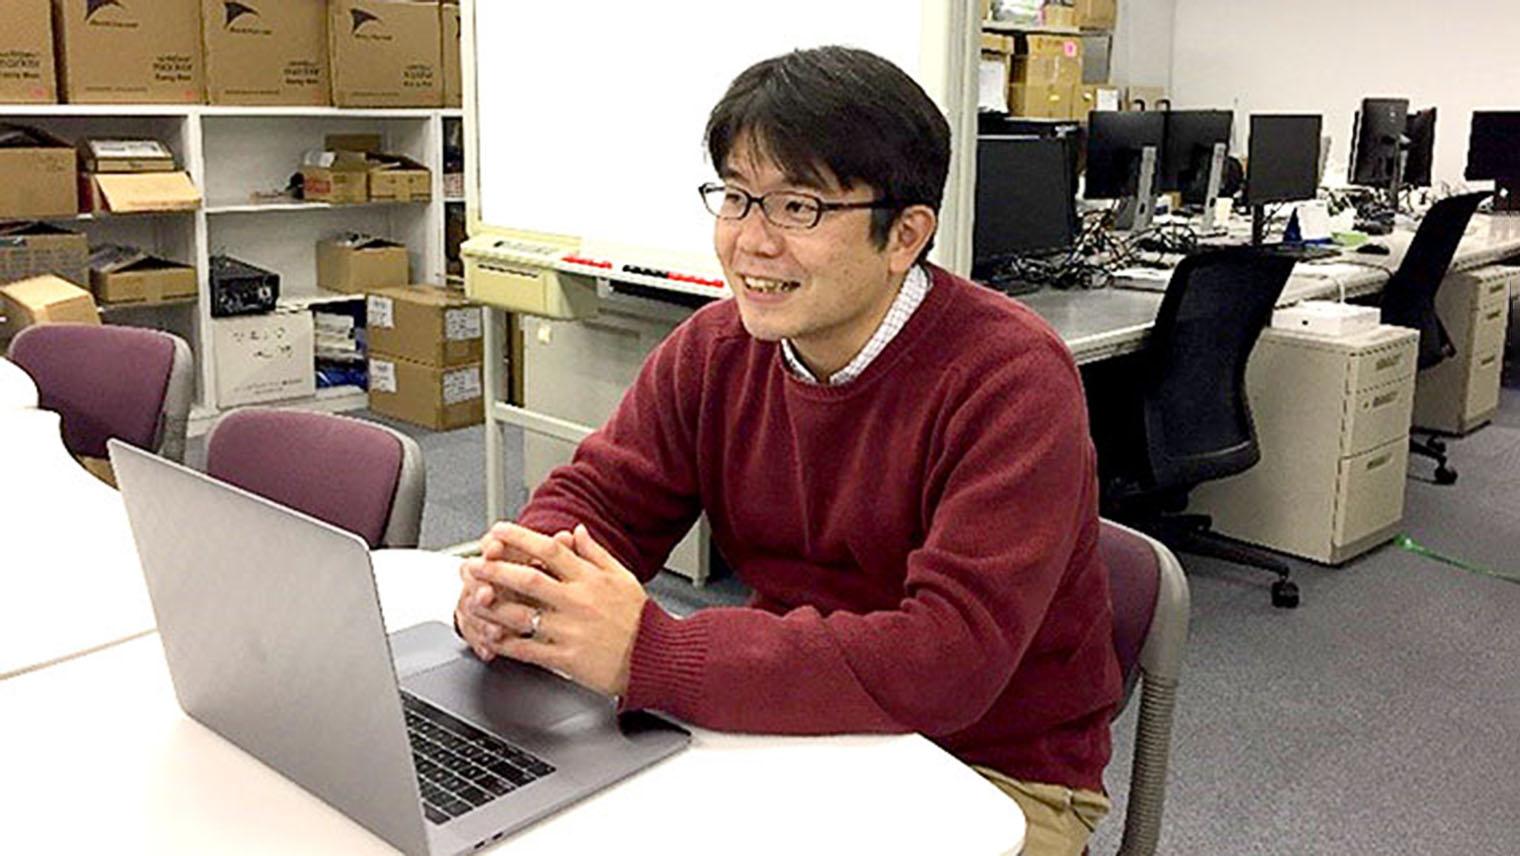 鈴木康輔さんがオフィスで話をしている写真